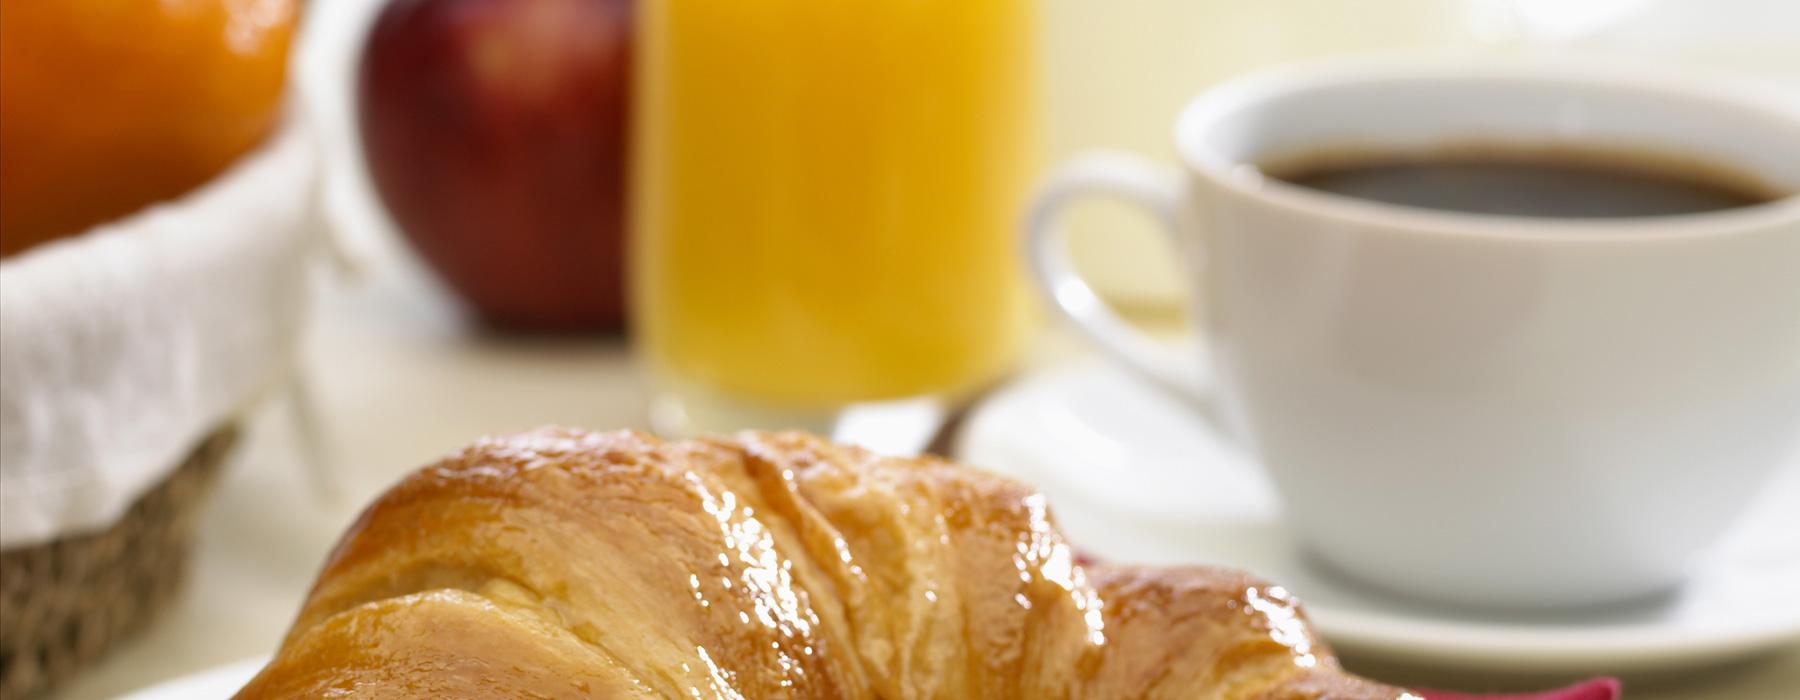 Obtén un descuento en el desayuno